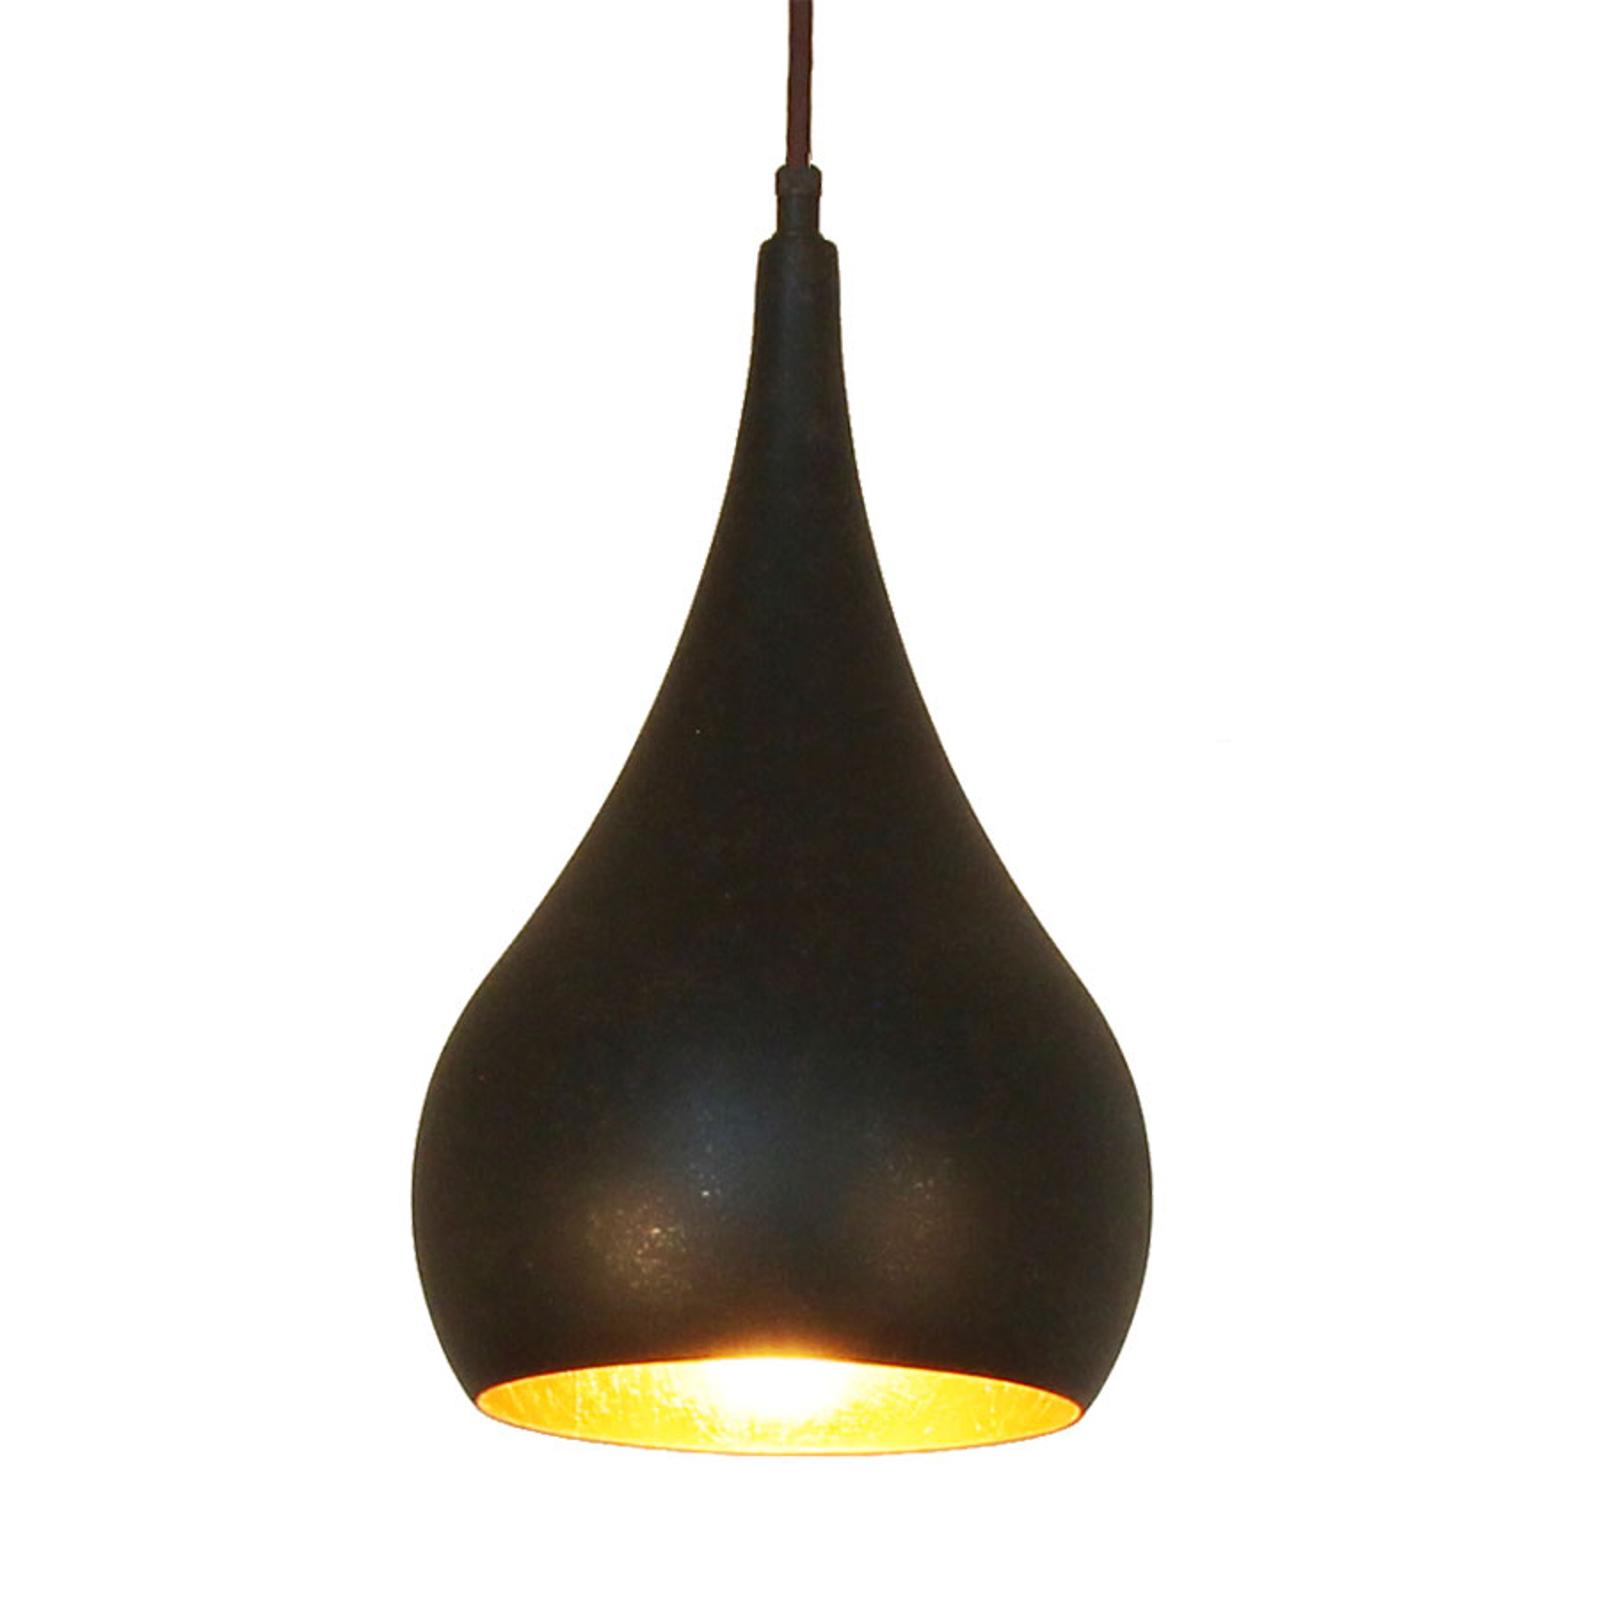 Menzel Solo Hängelampe Zwiebel braun-schwarz 16cm